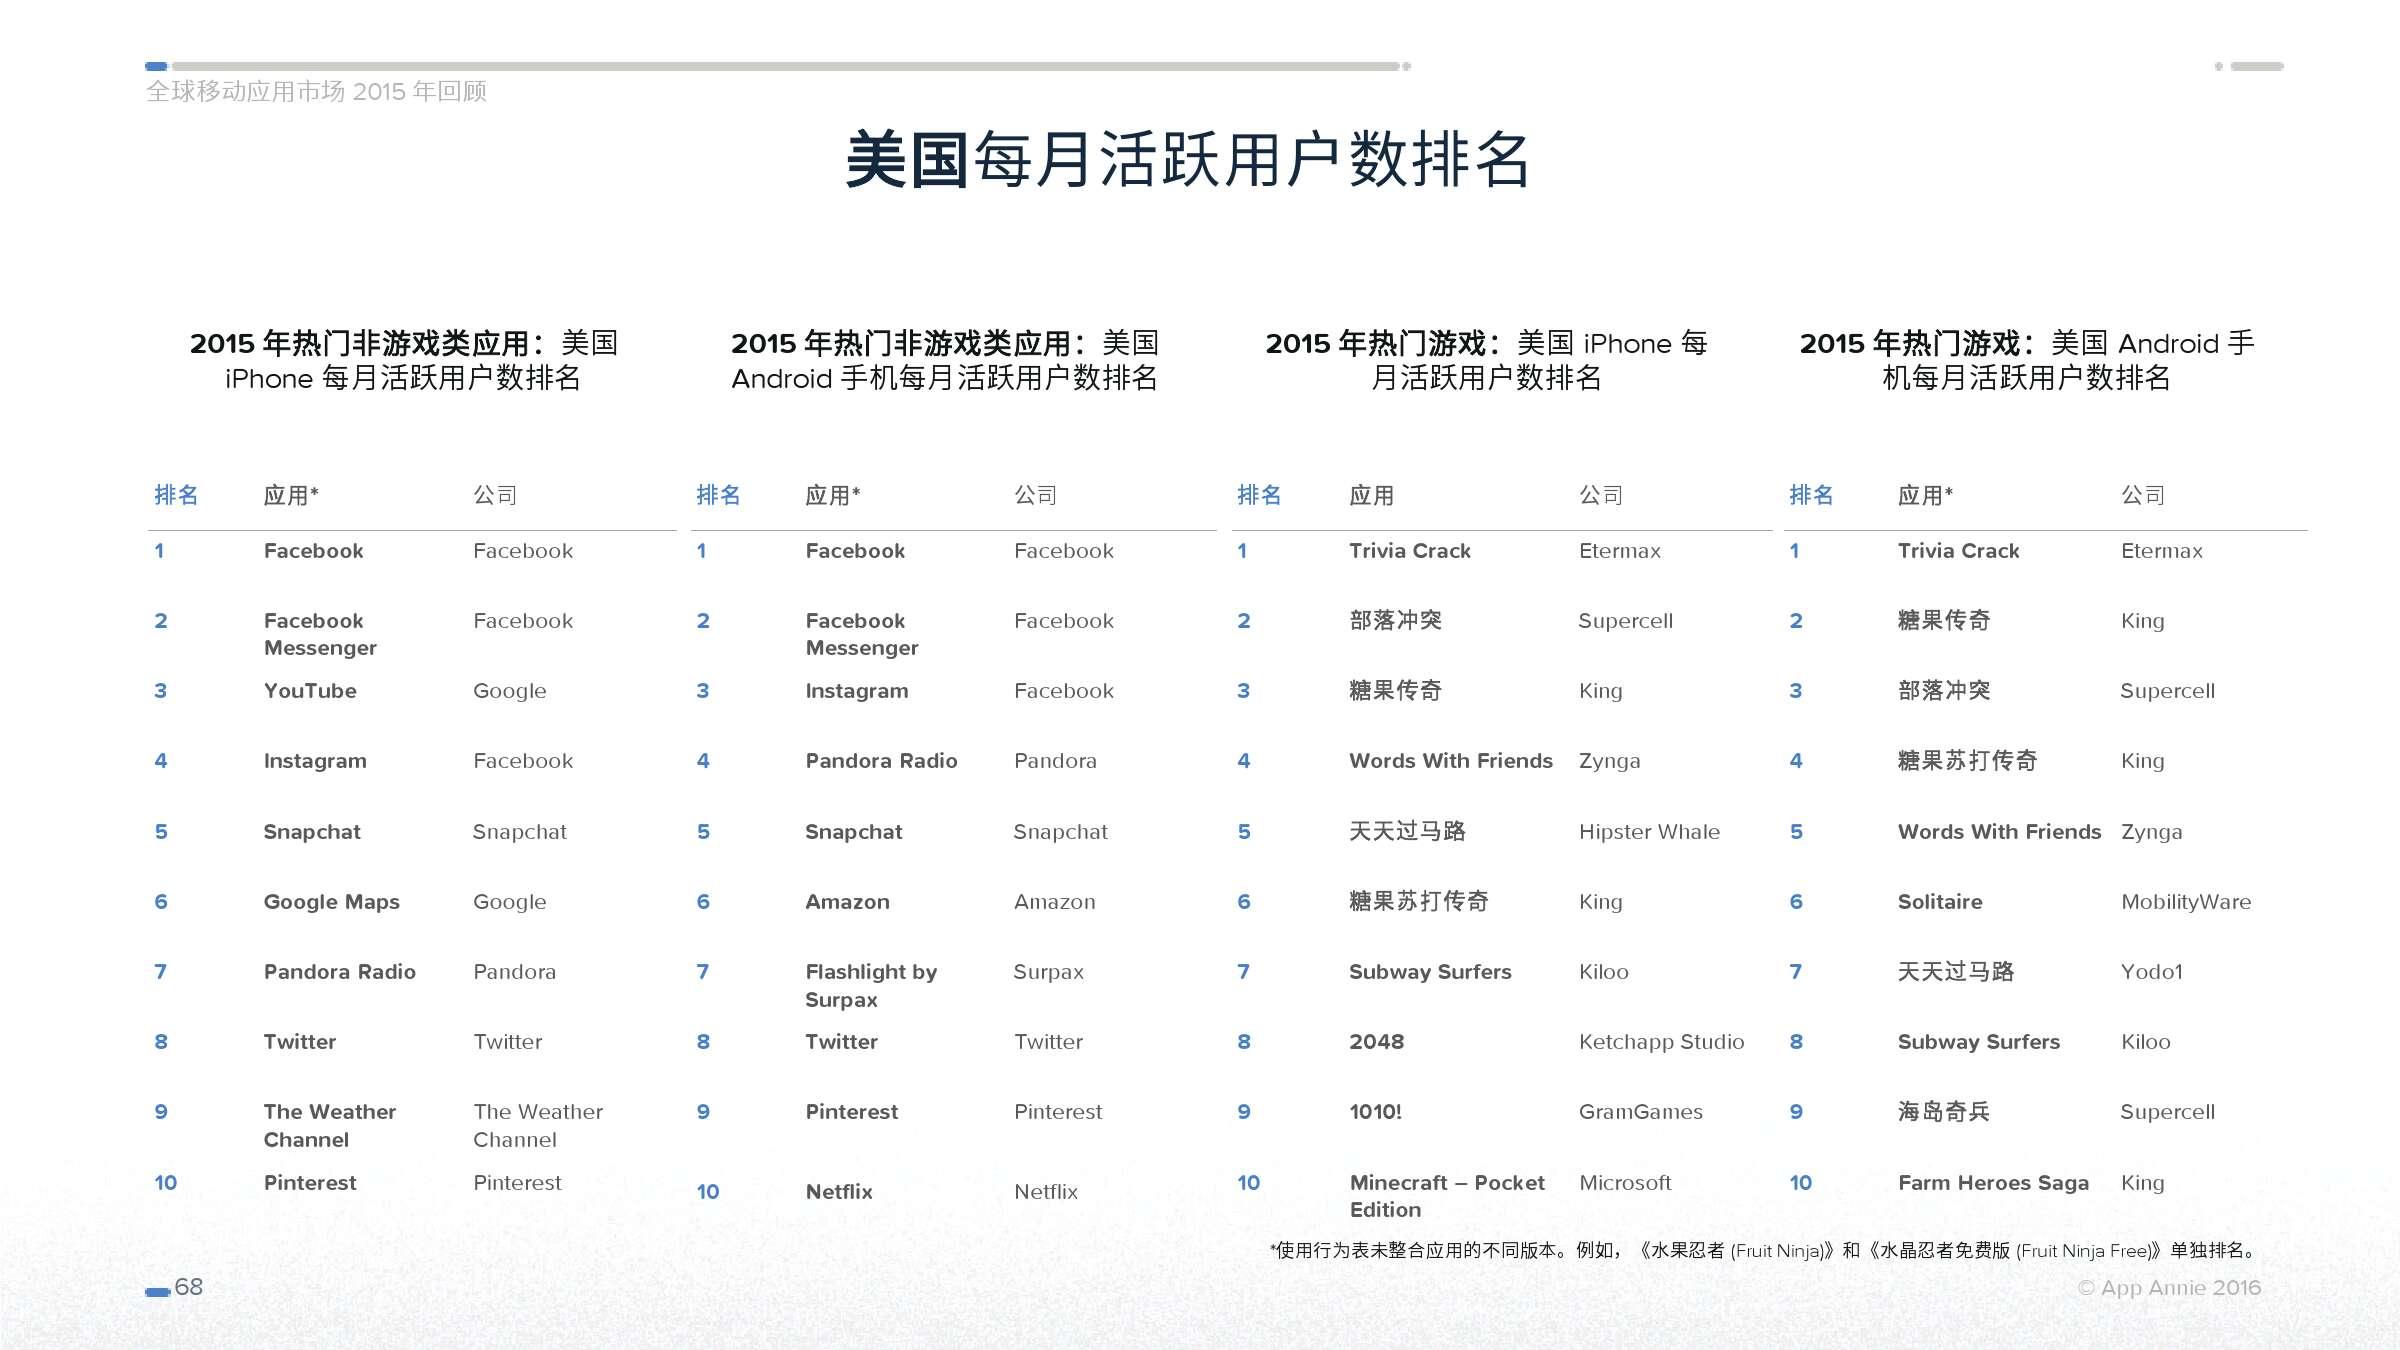 App Annie 全球移动应用市场 2015 年回顾_000068